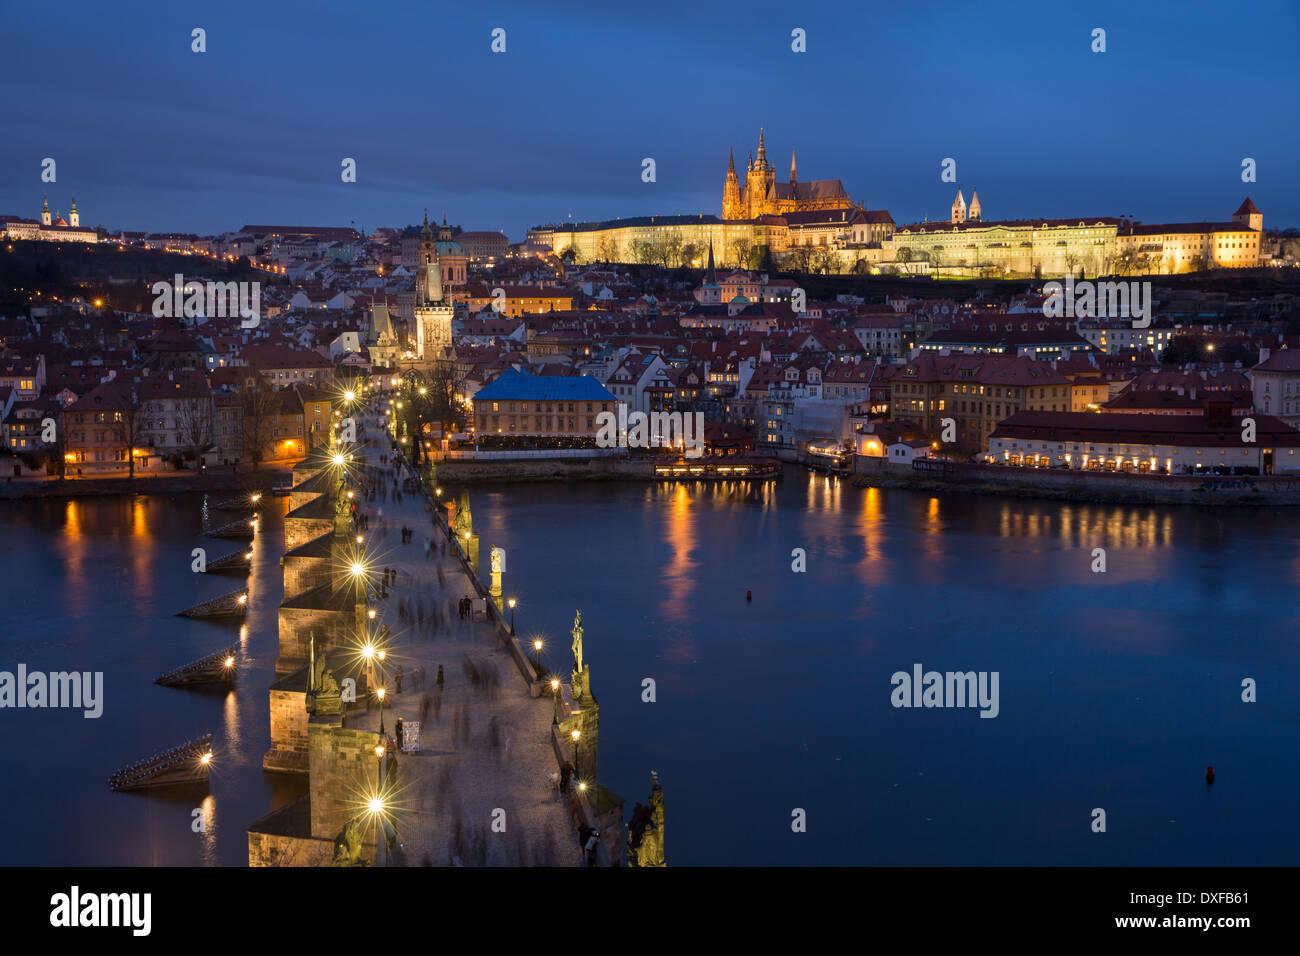 Le Pont Charles sur la Vltava au crépuscule avec le quartier du château et de la Cathédrale St Vitus Photo Stock